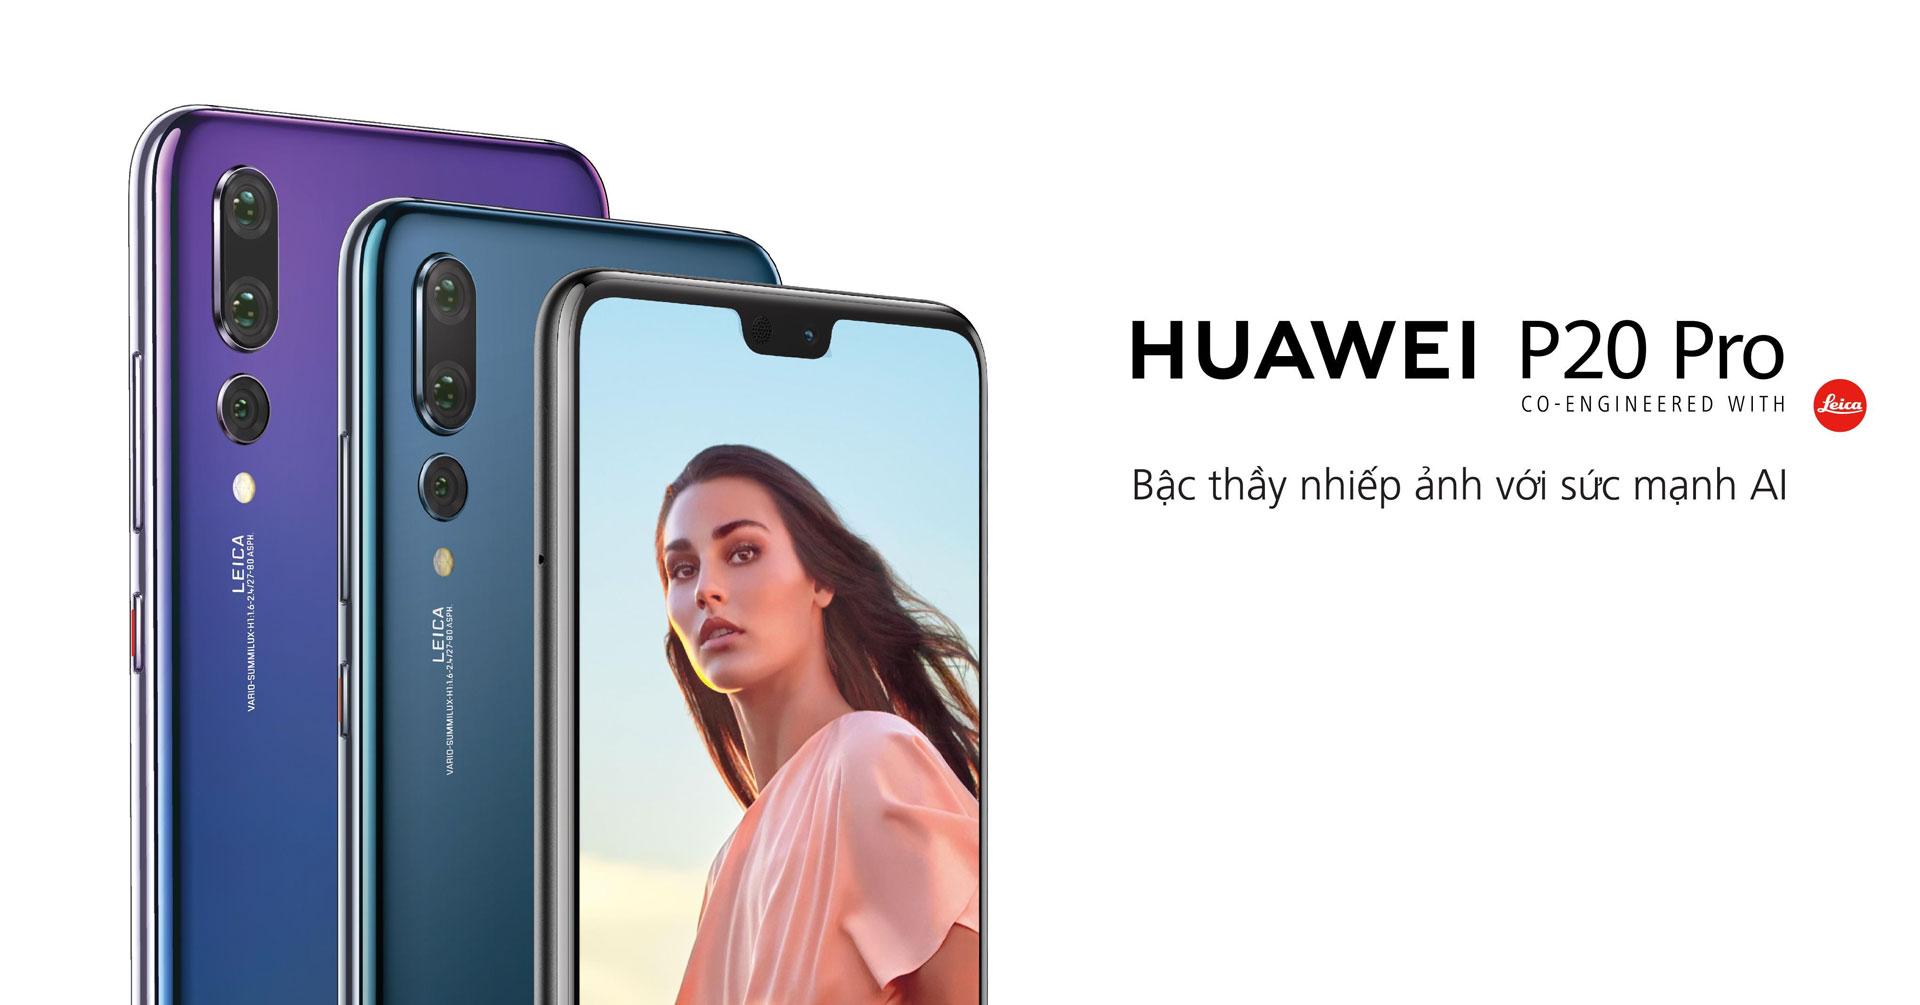 Huawei P20 Pro tiên phong trong công nghệ nhiếp ảnh trên điện thoại